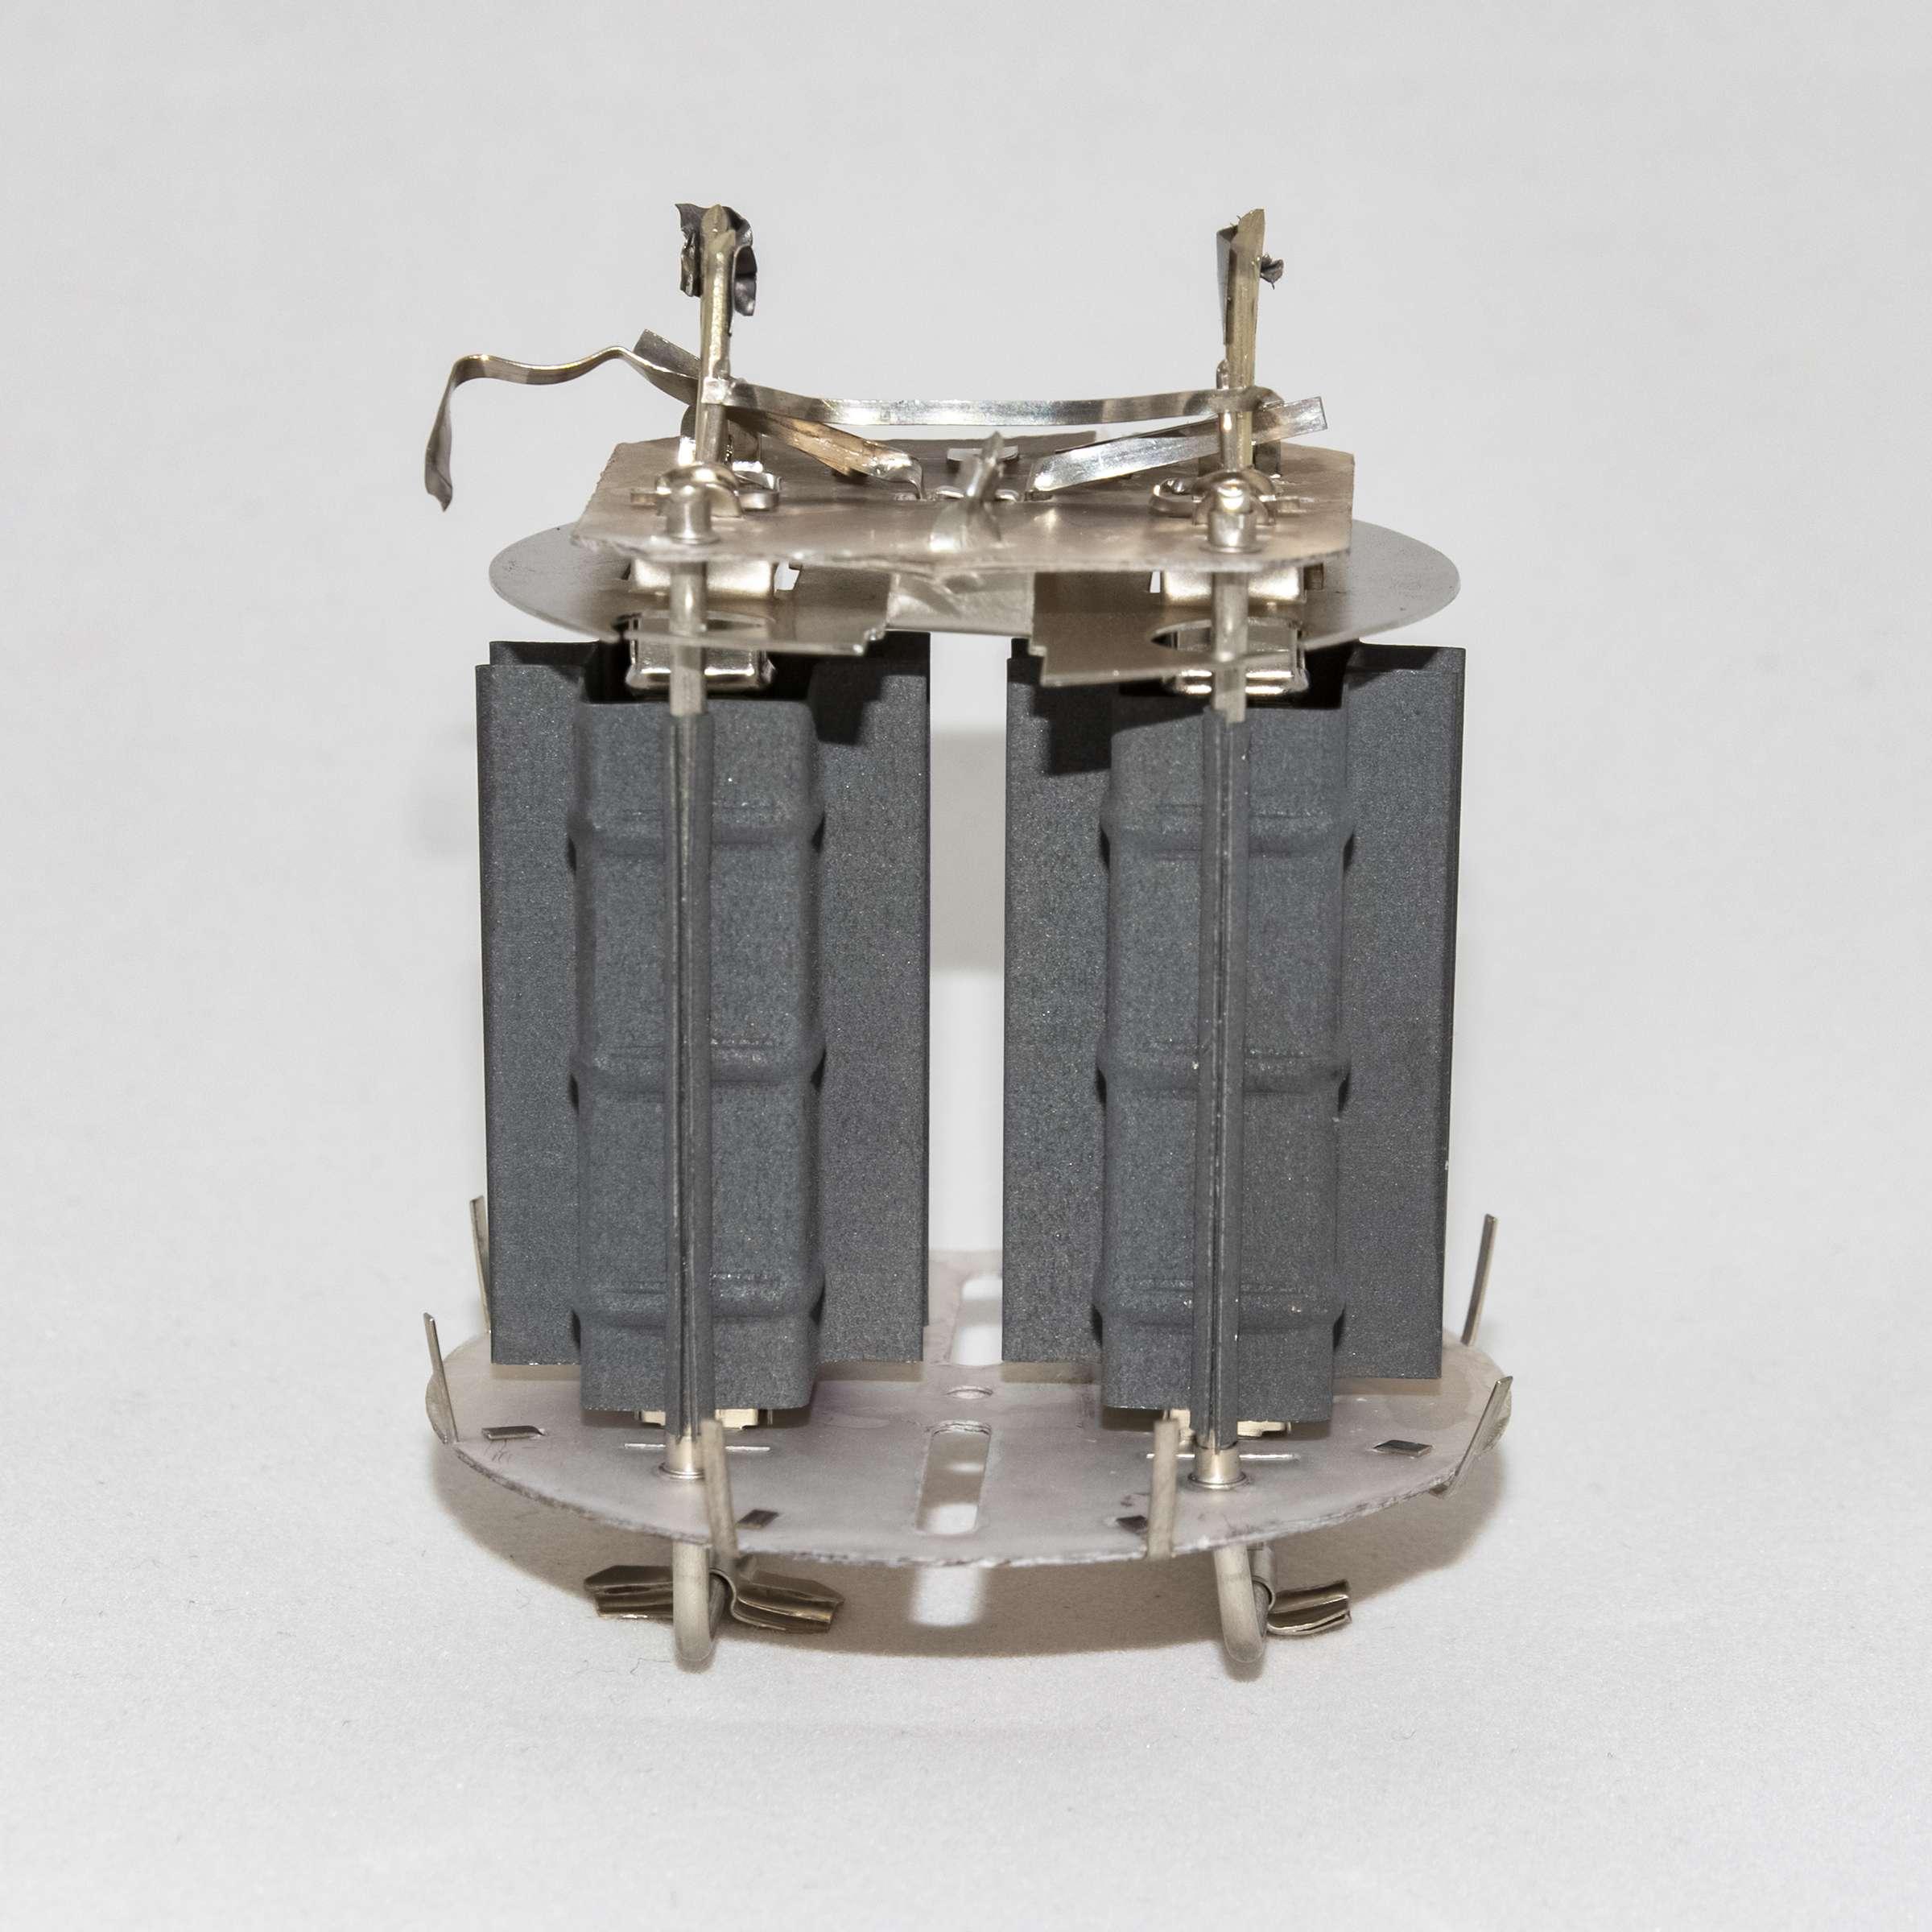 Внутреннее устройство радиолампы ГИ-30